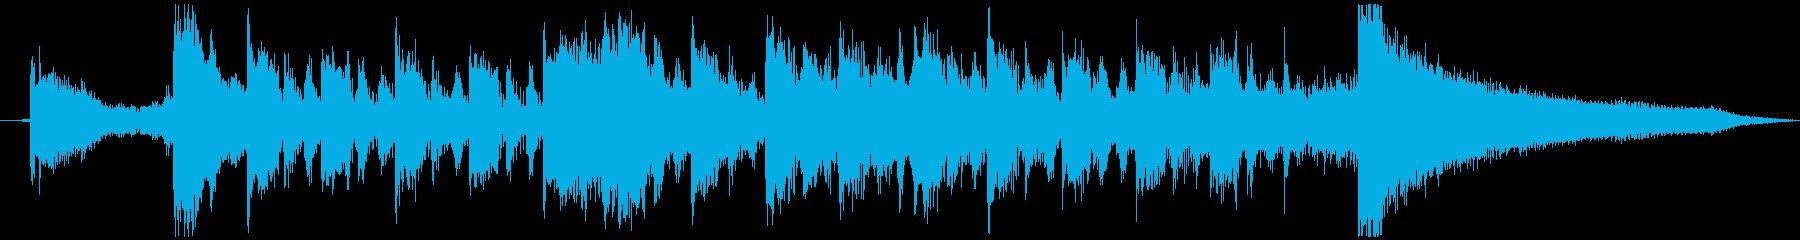 琴 ジングル アタック 和 インバウンドの再生済みの波形